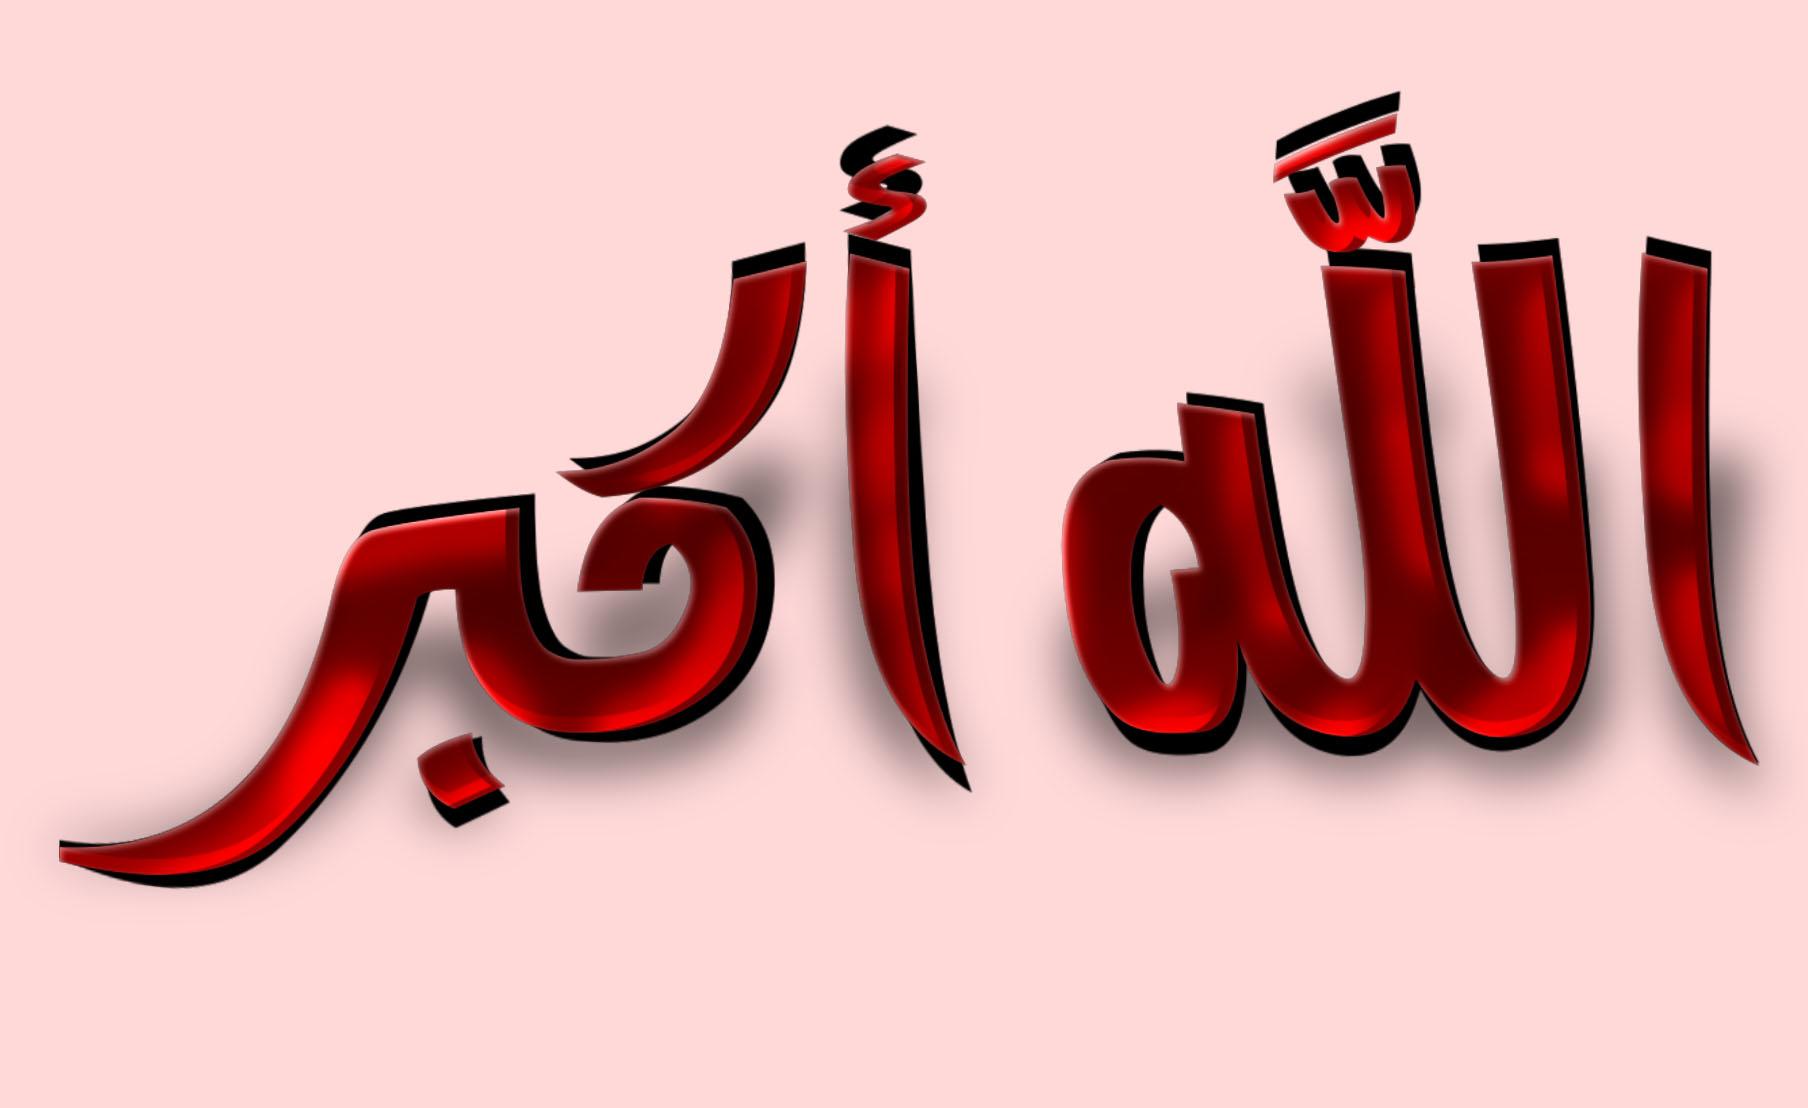 صور دينية واسلامية (5)